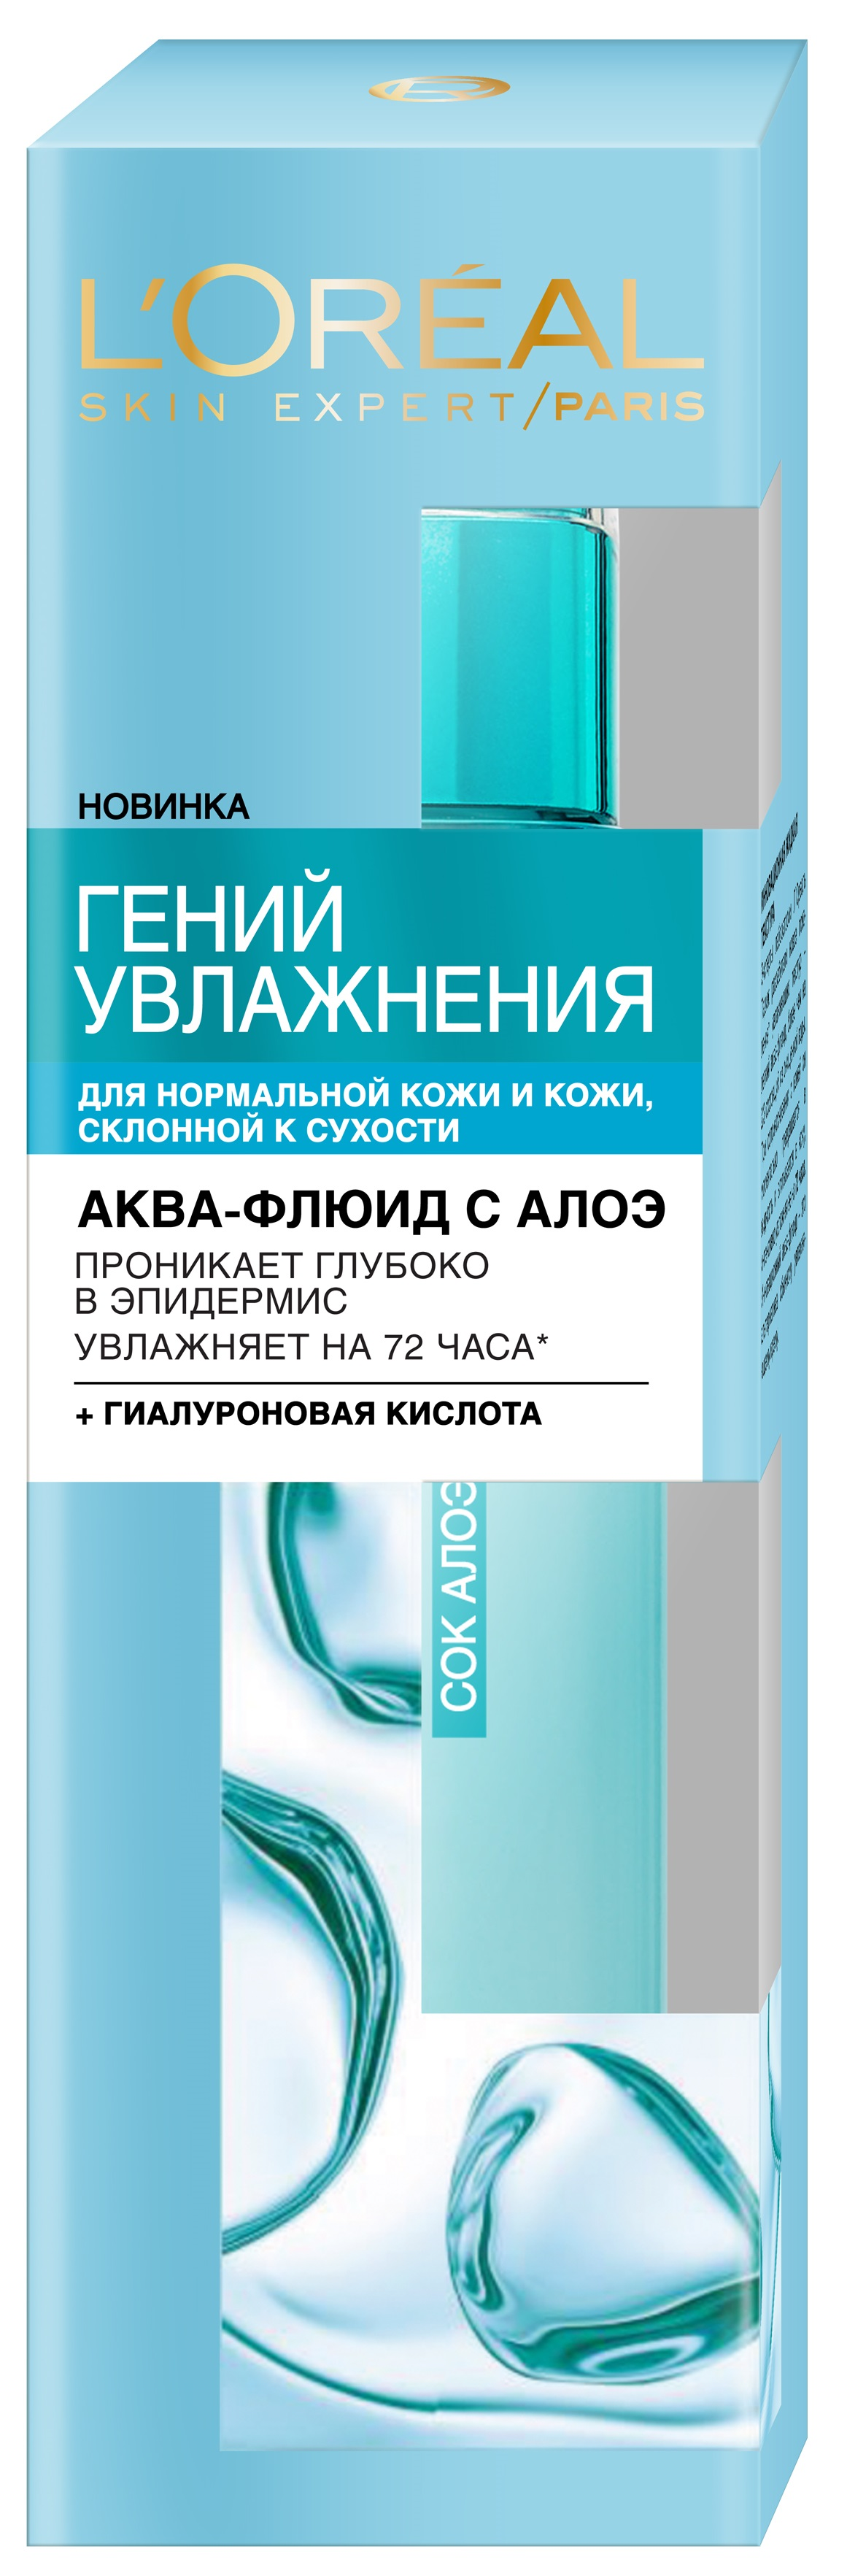 Крем для лица L\'Oreal Paris Гений Увлажнения Для нормальной кожи 70 мл